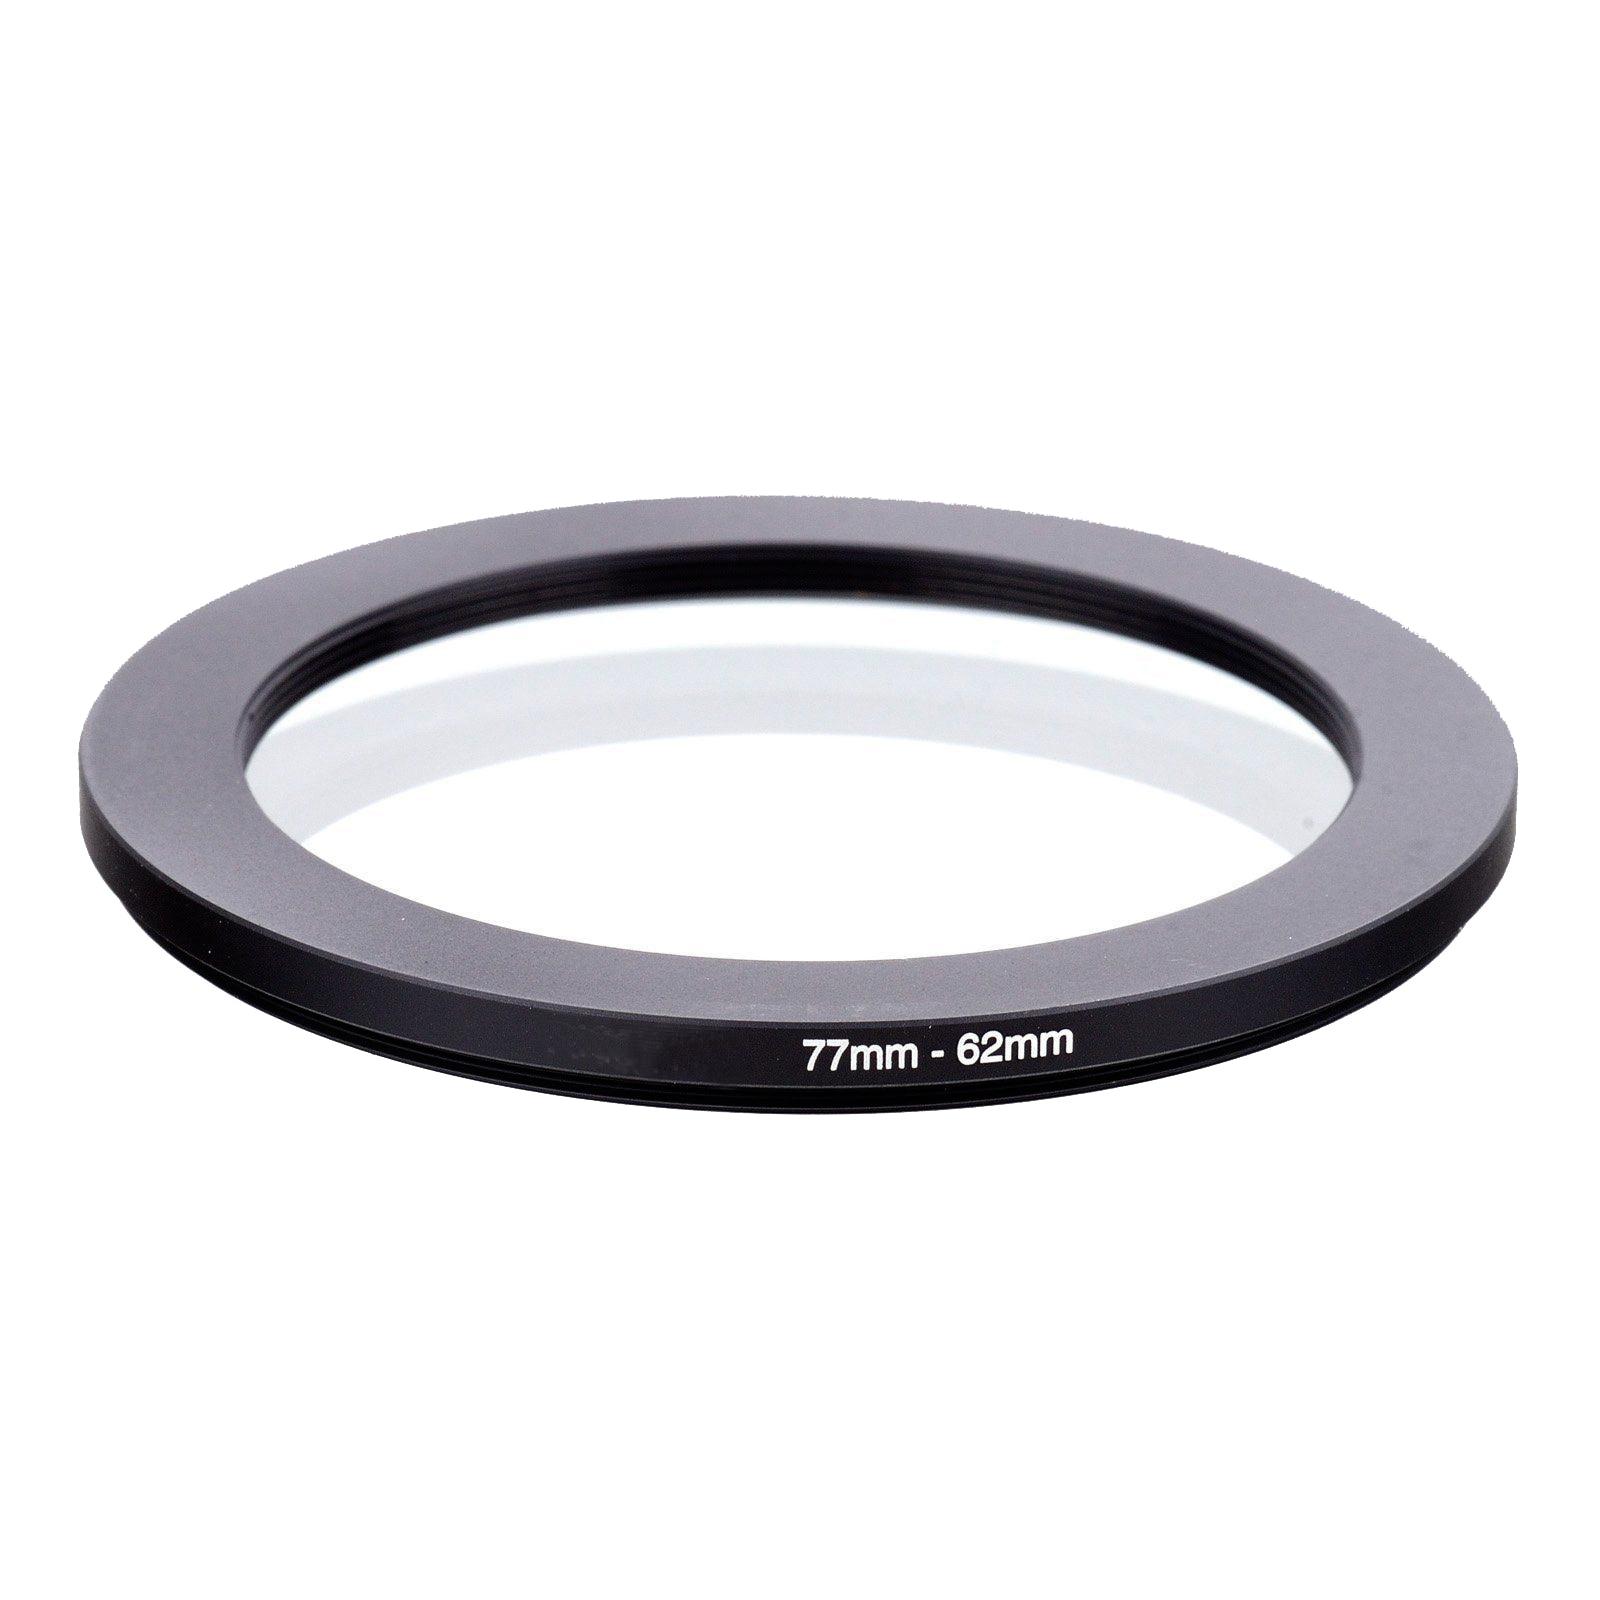 Обозначения фильтров для фотоаппаратов